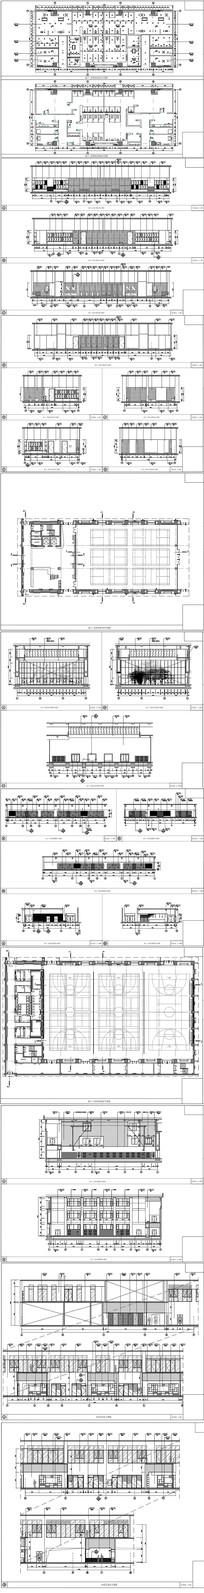 某中学体育馆教学北楼设计全套CAD施工图